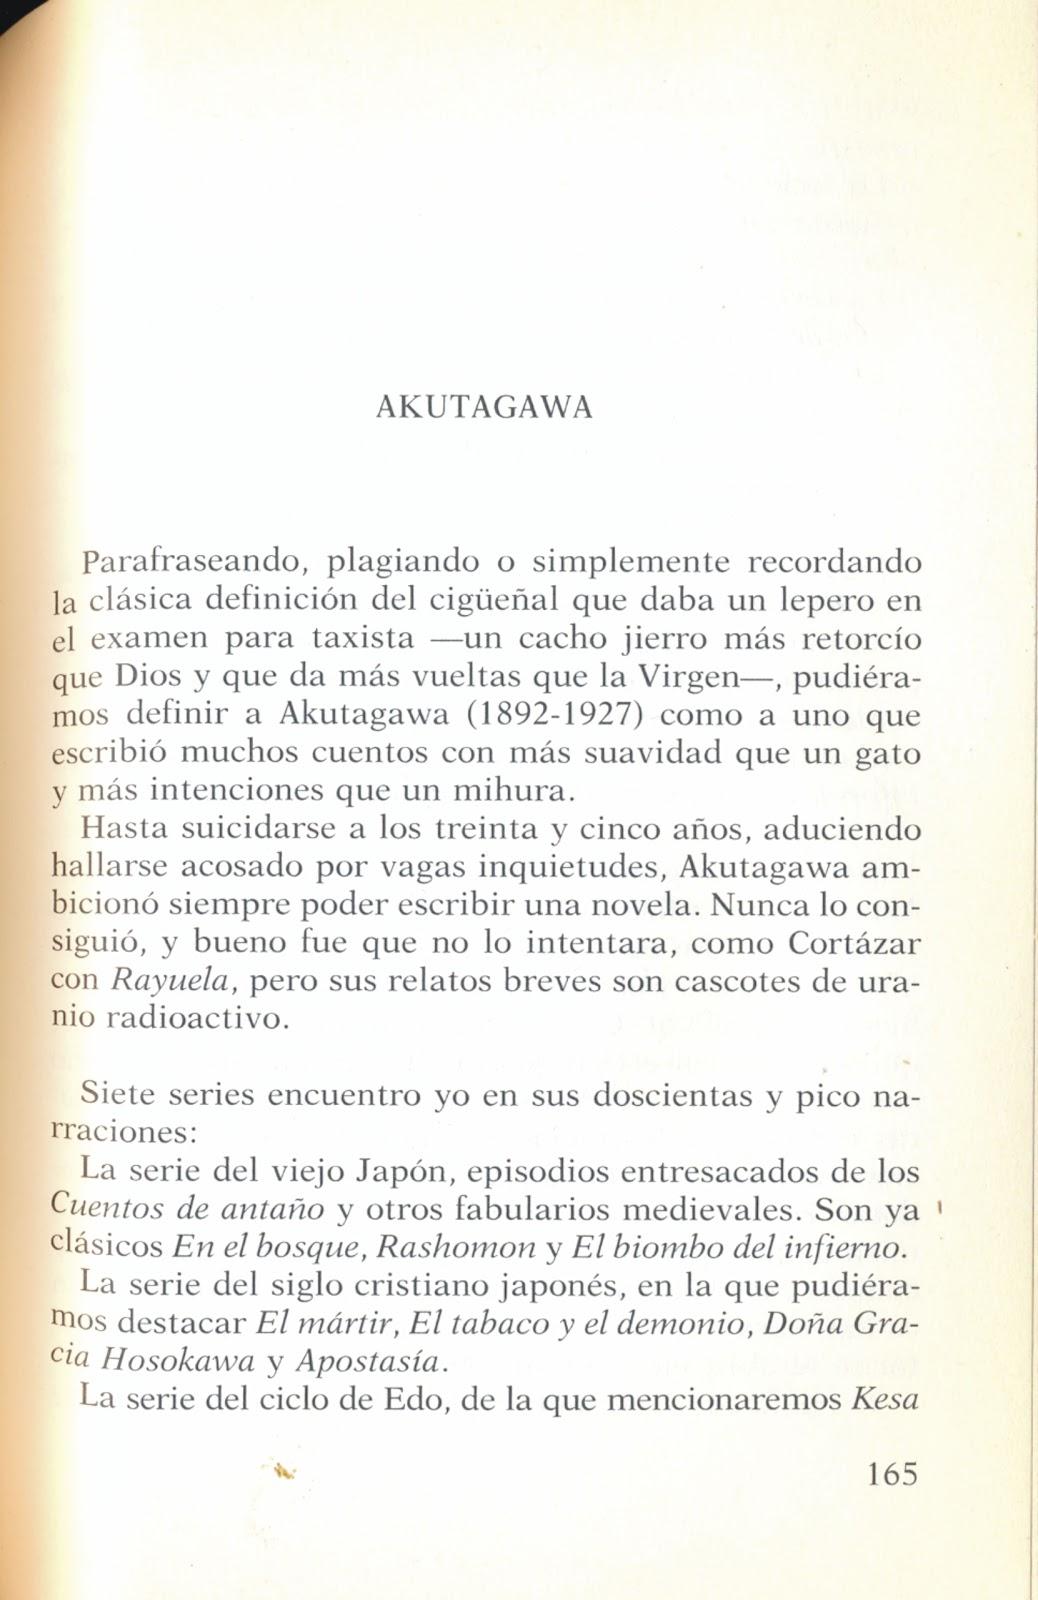 Excelente Anatomía Grises Serie Completa Imagen - Imágenes de ...